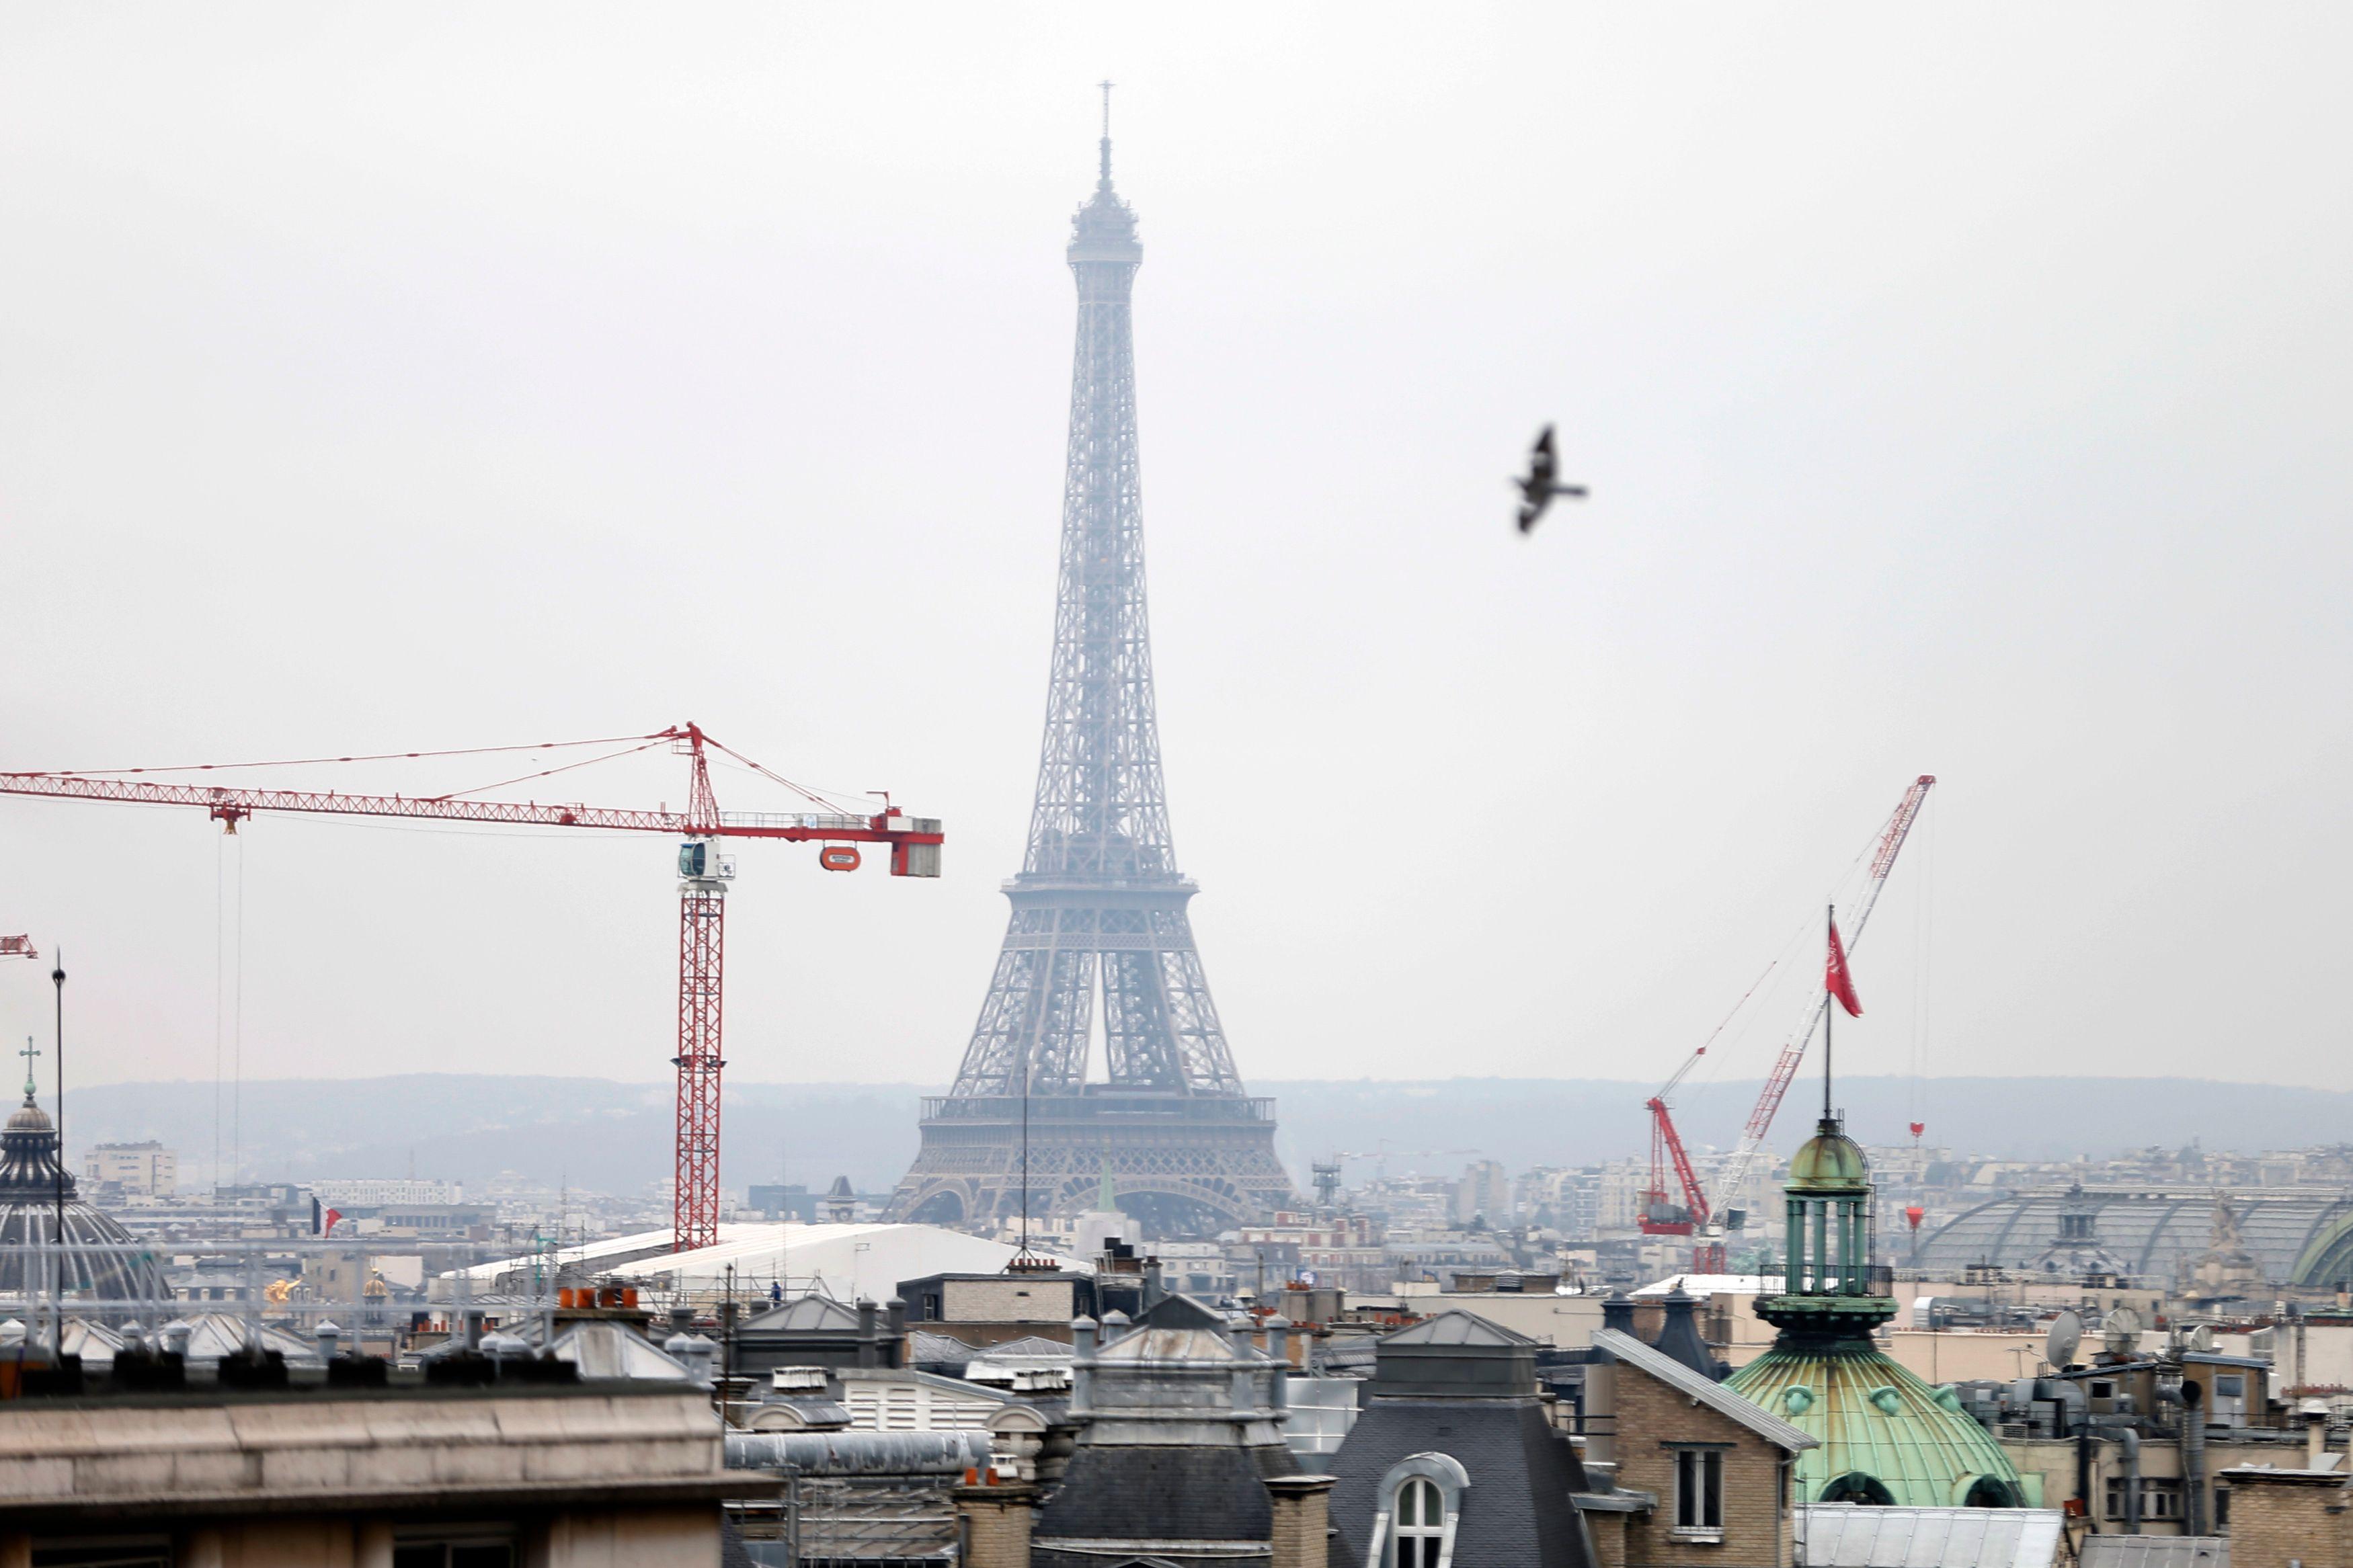 Selon une étude du CNRS publiée lundi 24 novembre, respirer à Paris pourrait parfois avoir les mêmes conséquences que le tabagisme passif.